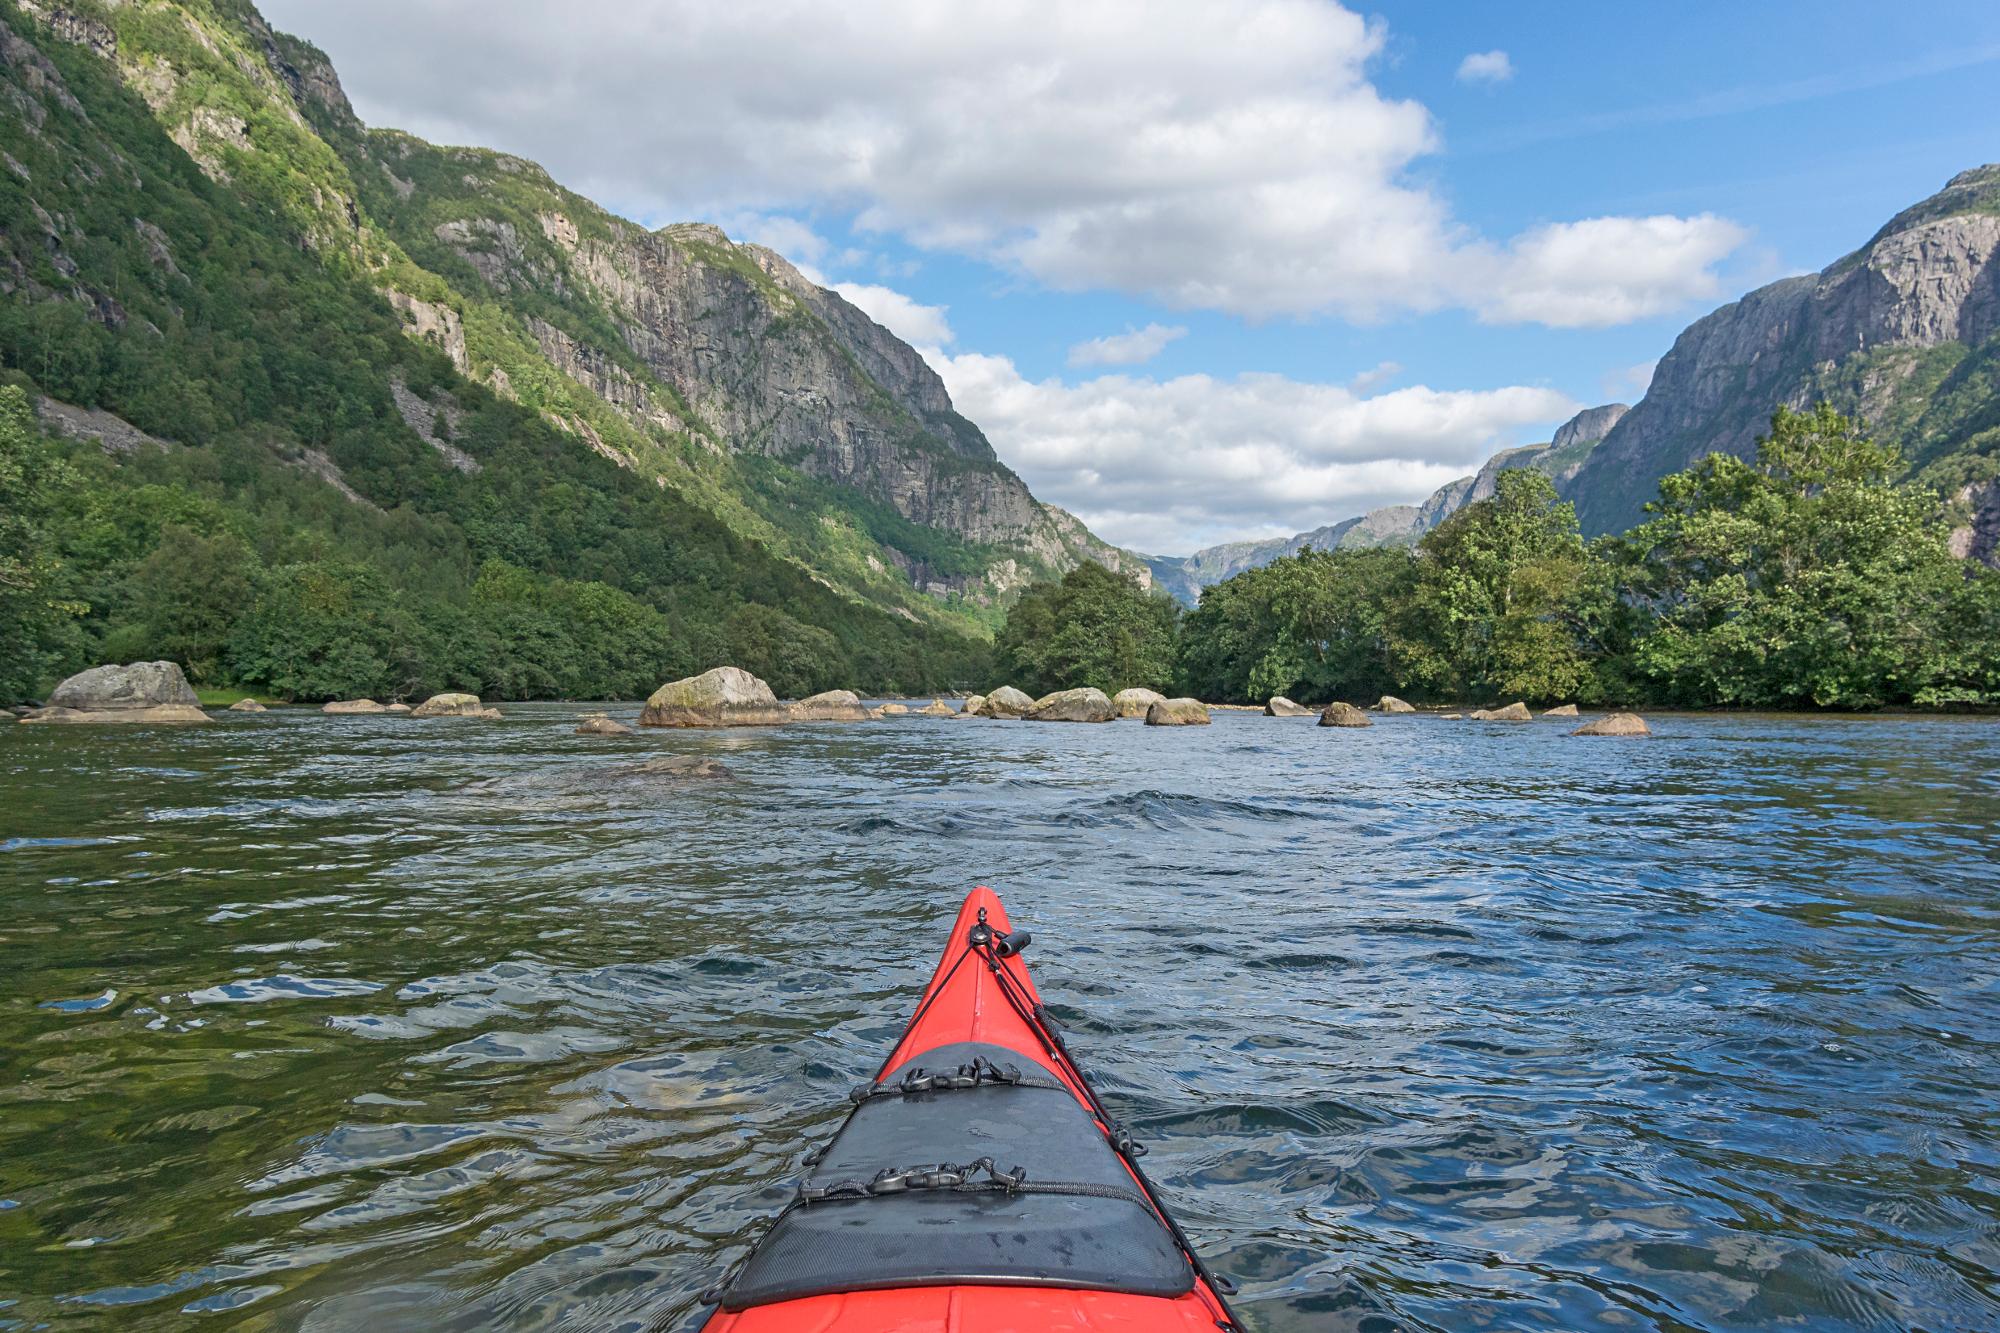 ausfluege kanotour auf einem see mit bergen